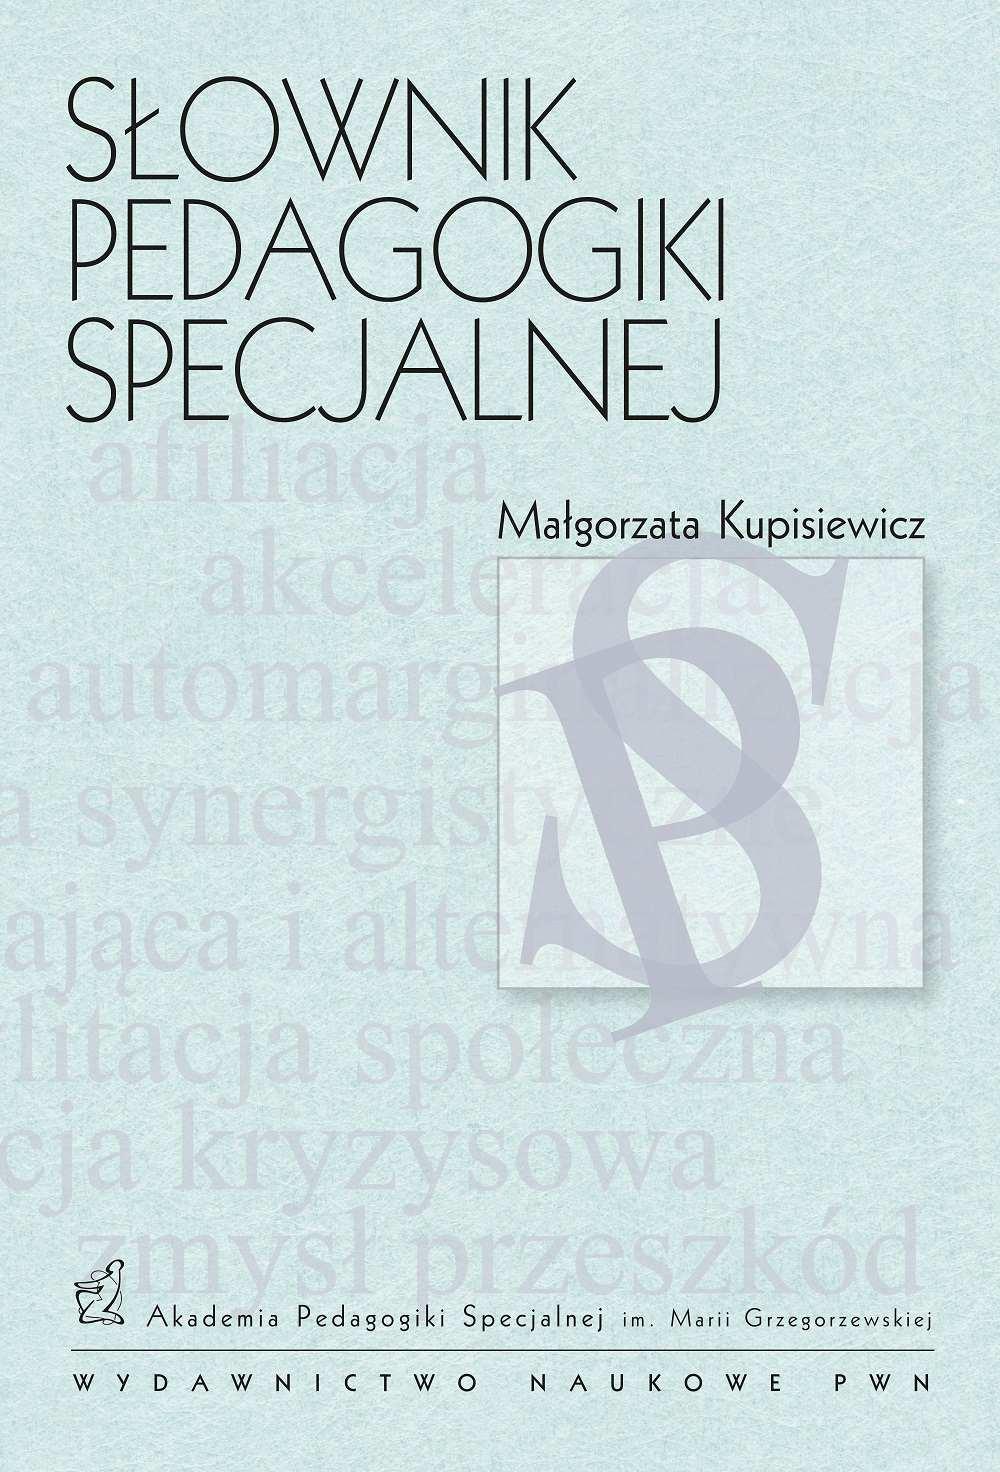 Słownik pedagogiki specjalnej - Ebook (Książka EPUB) do pobrania w formacie EPUB